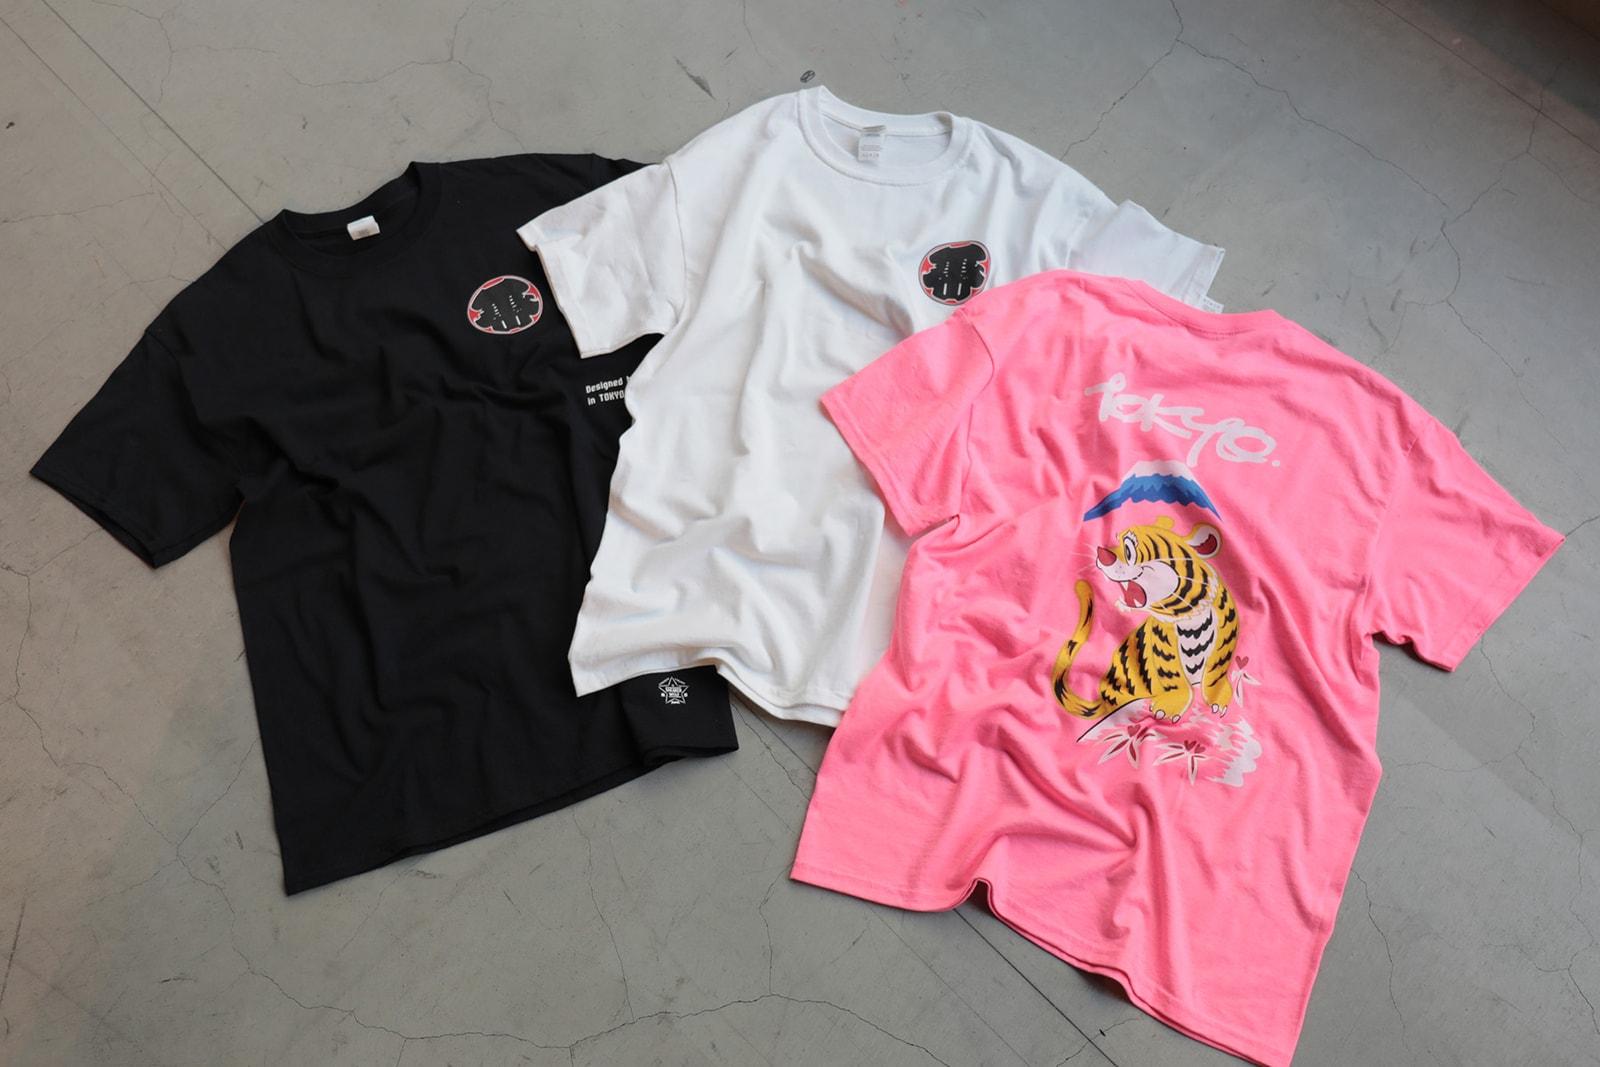 スニーカーウルフ sneakerwolf 東京さいこう計画 漢字グラフィ Kanji-Graphy アシックスタイガー ASICSTIGER オンライン GEL-KAYANO TRAINER Tシャツ スニーカー